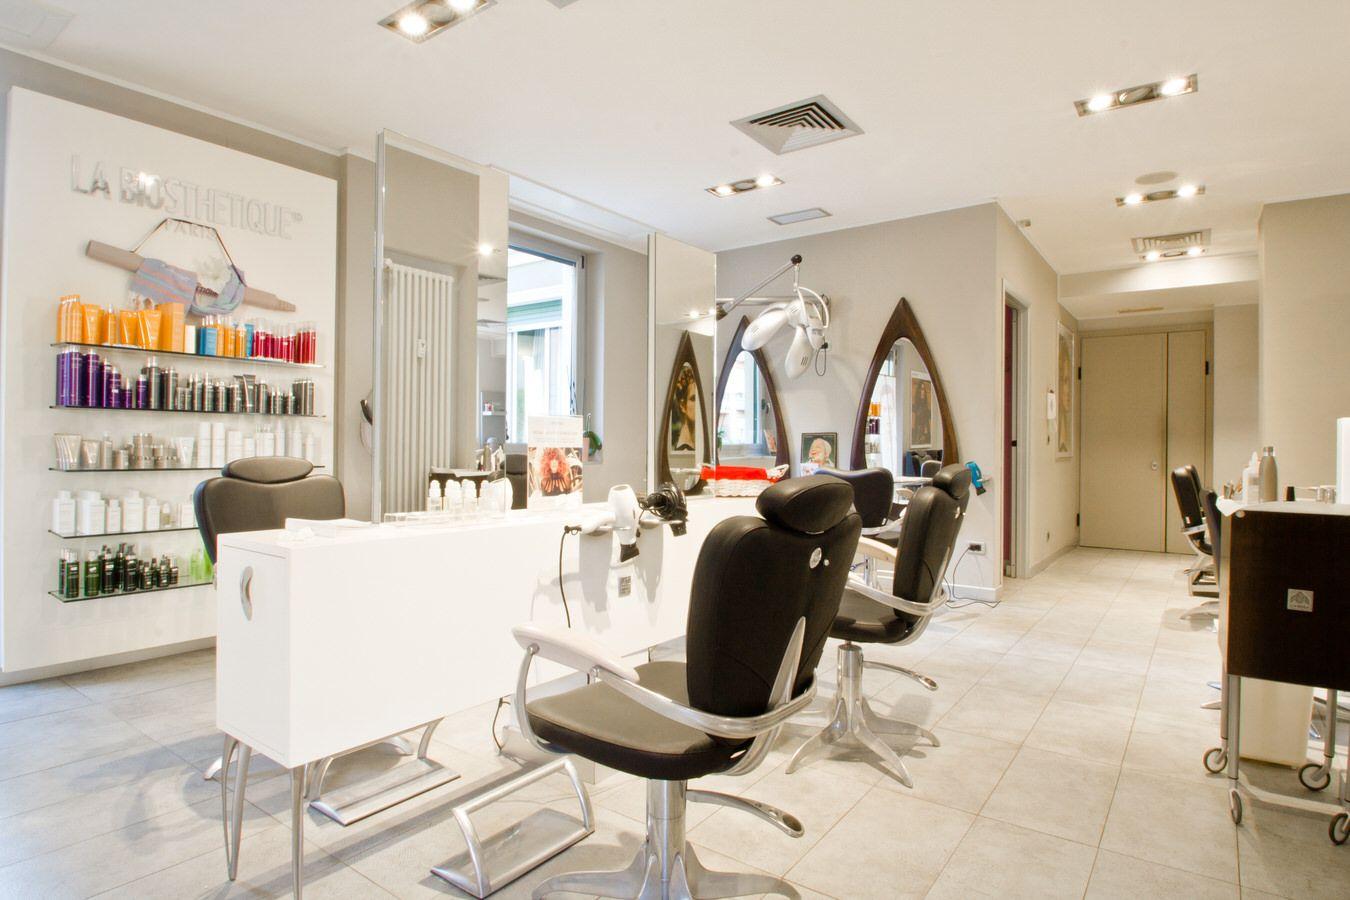 Foto delle postazioni del salone di parrucchieri Nino Manzillo a Genova